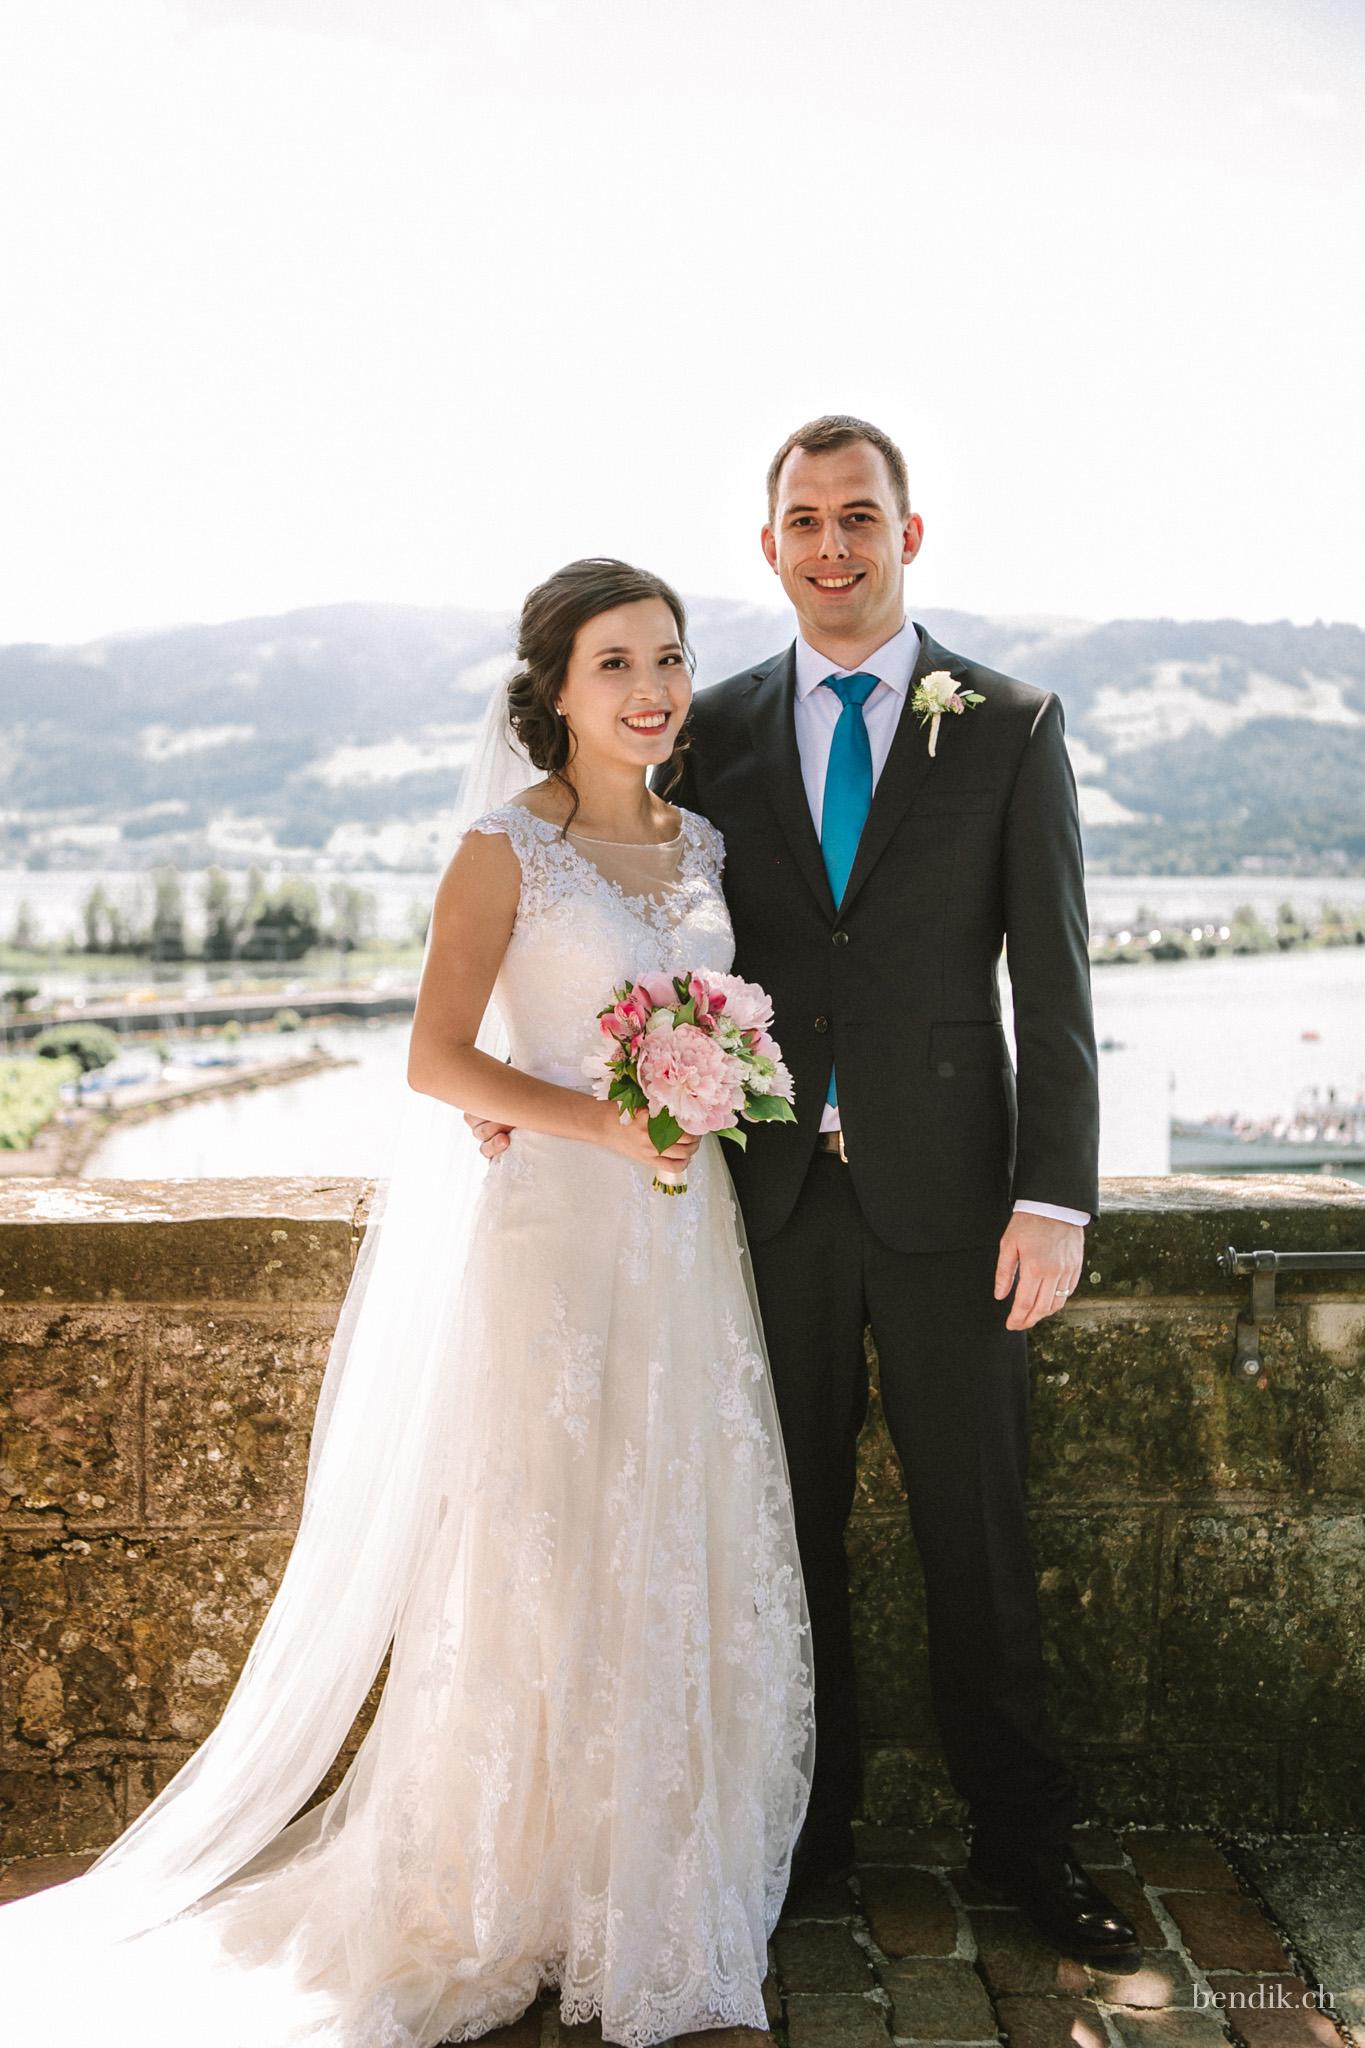 Brautpaar vor Kulisse der Rapperswiler Altstadt und des Seedamms